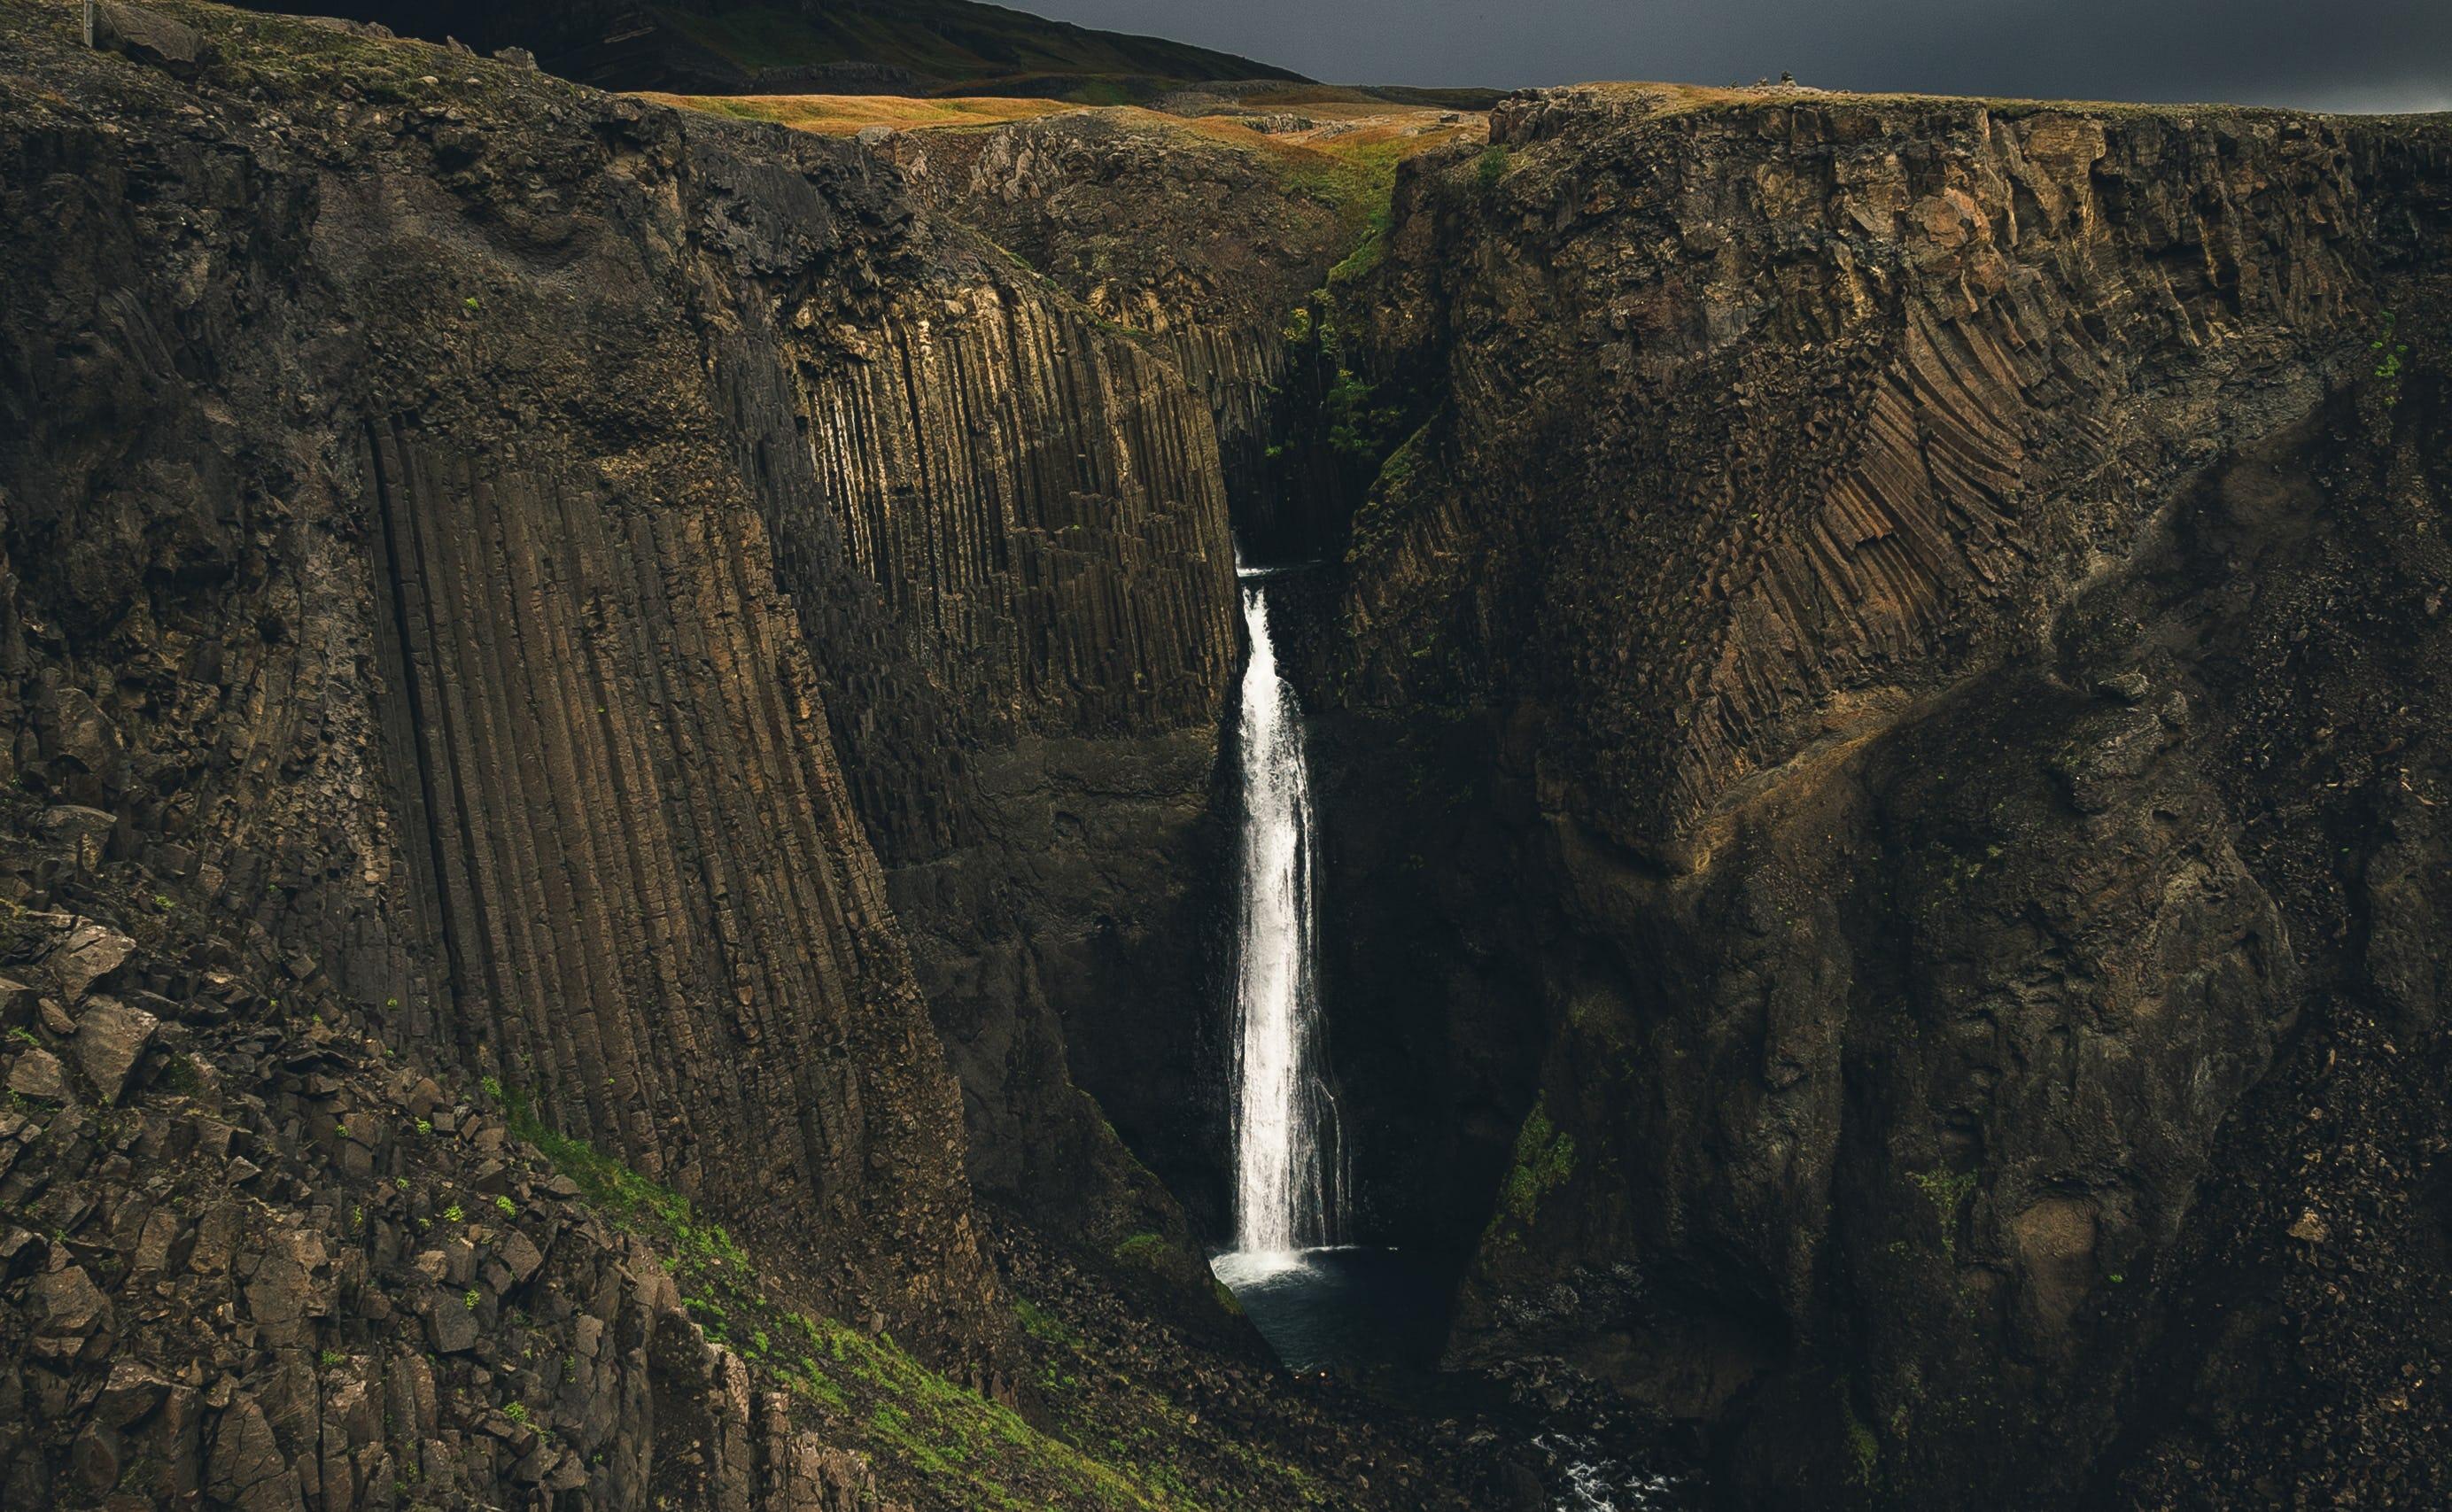 Litlanesfoss ist ein wunderschöner Wasserfall in Ostisland, der von Basaltsäulen umgeben ist.